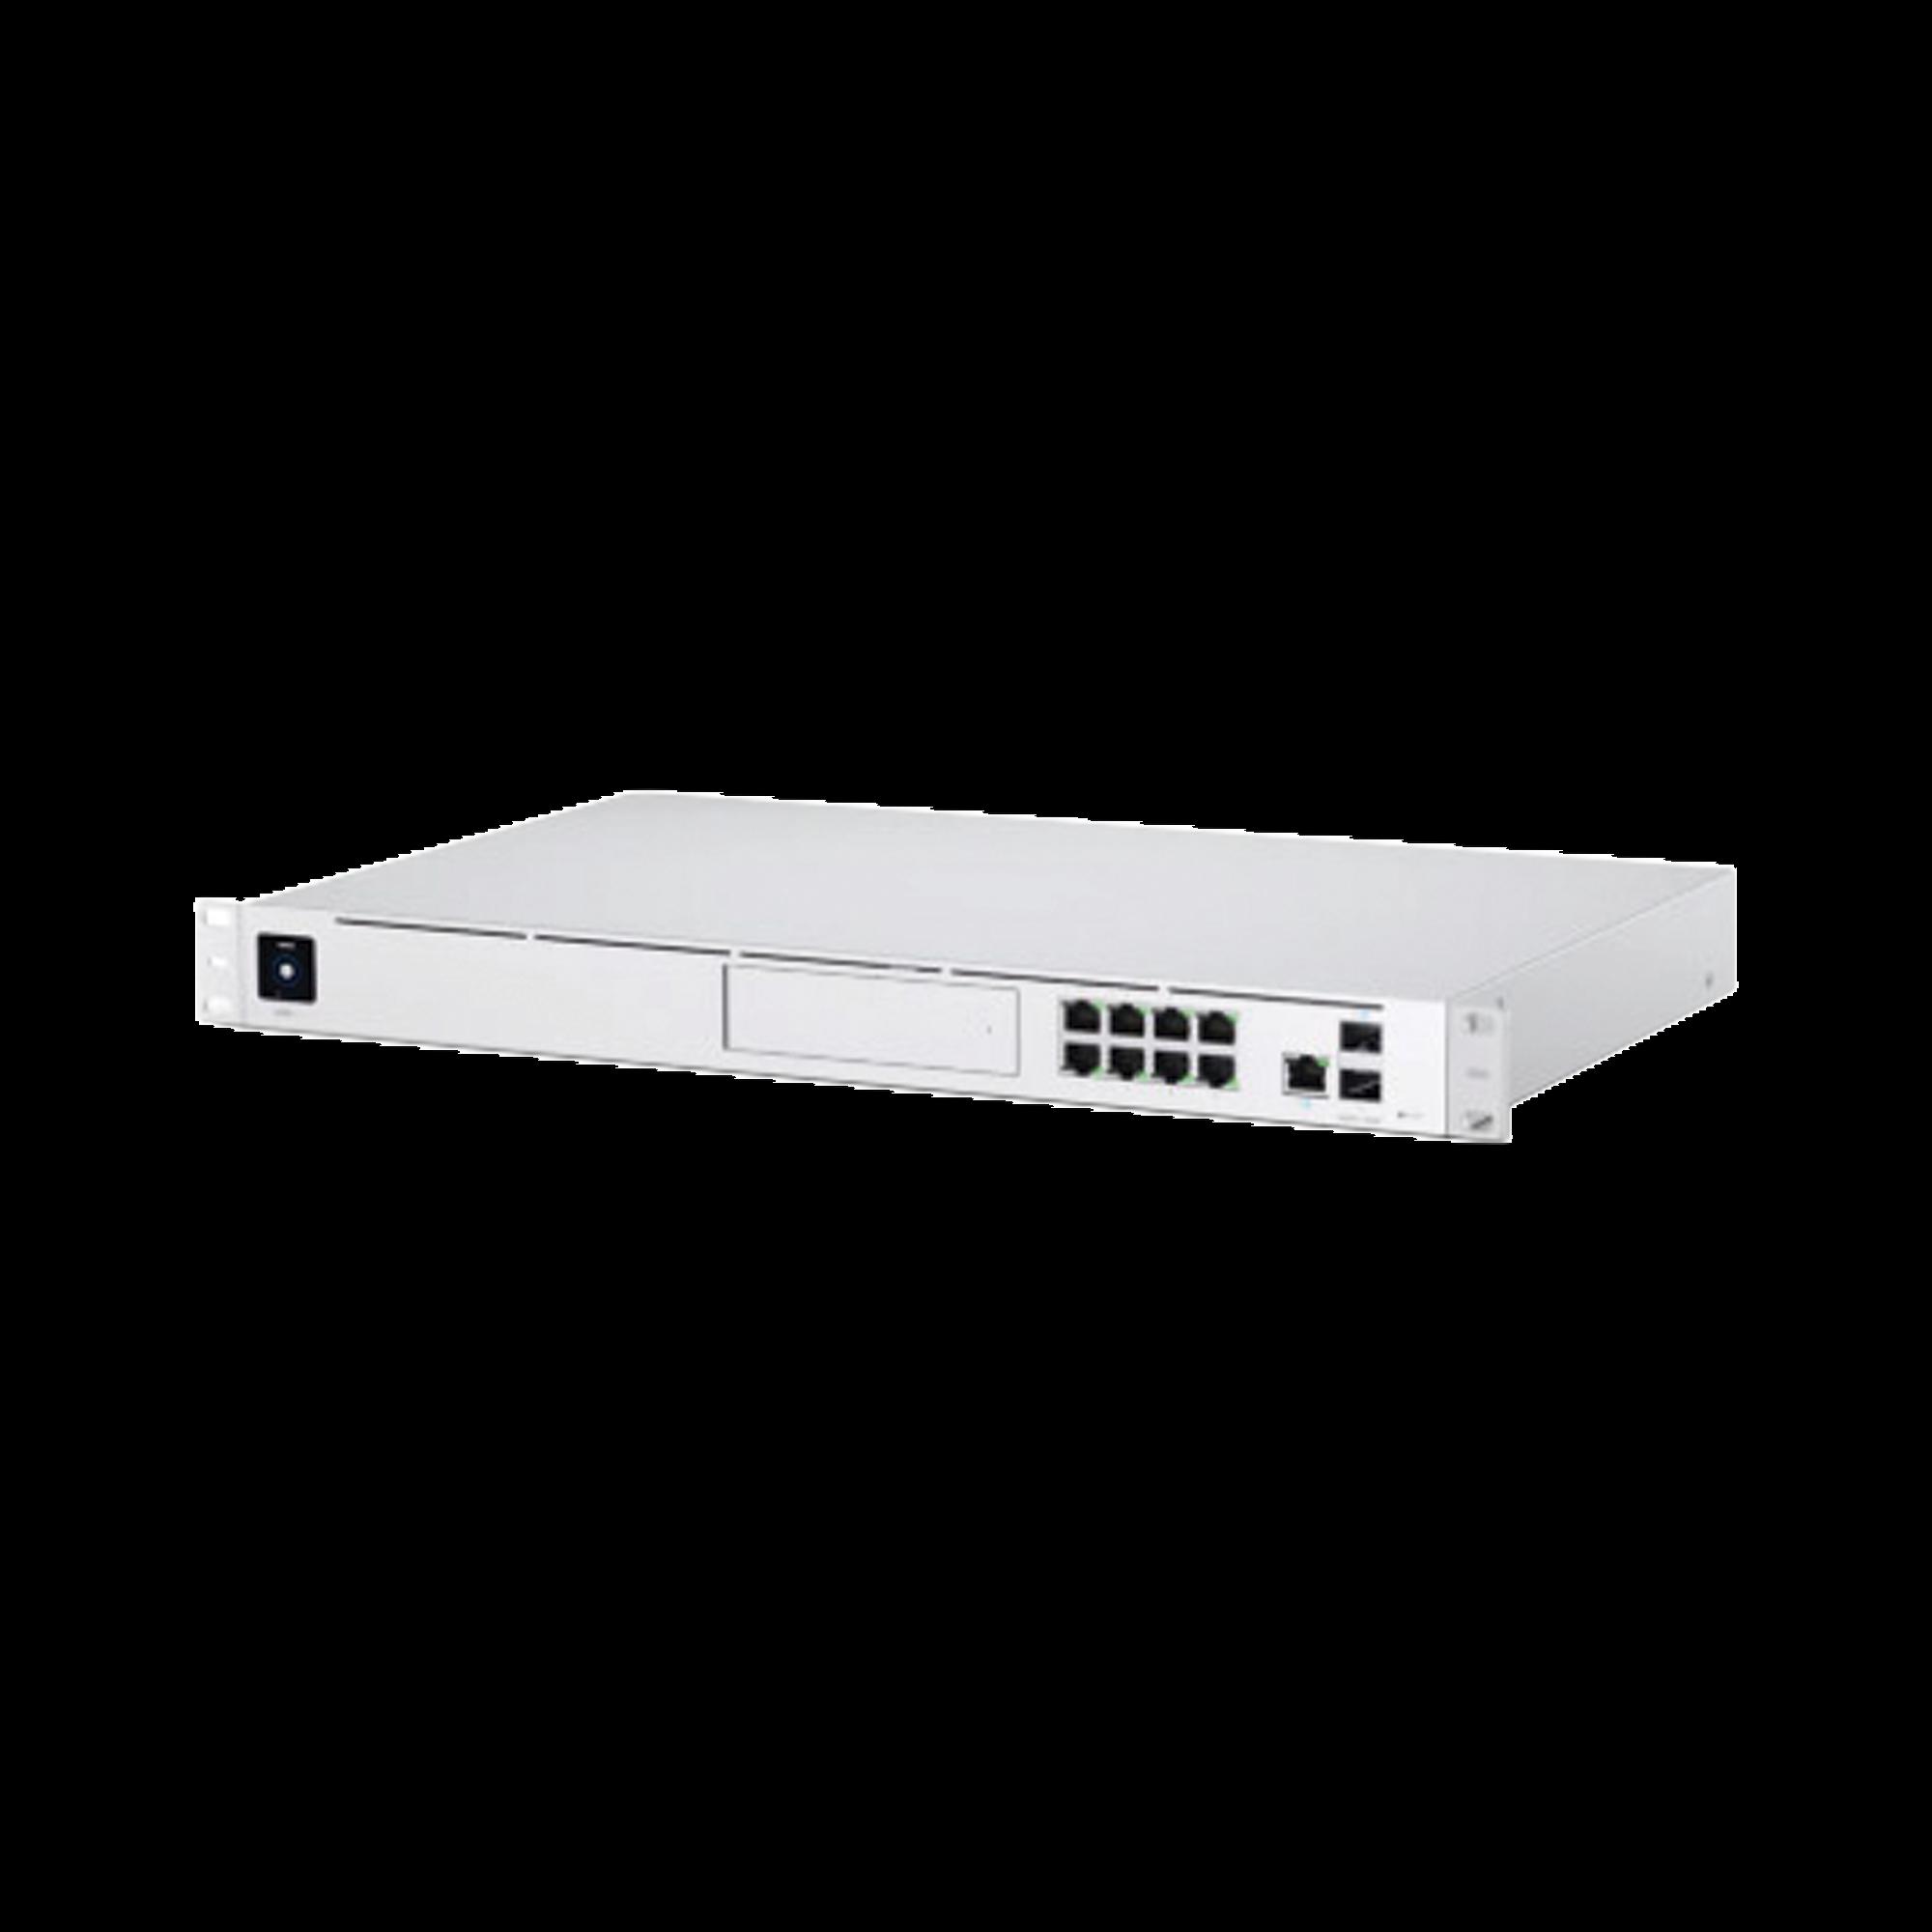 UniFi Dream Machine Pro, de 1 UR con un puerto 10G SFP+ WAN, 8 puertos 10/100/1000 Mbps RJ-45 LAN, y una bahia de HDD 3.5, integra todos los controladores UniFi